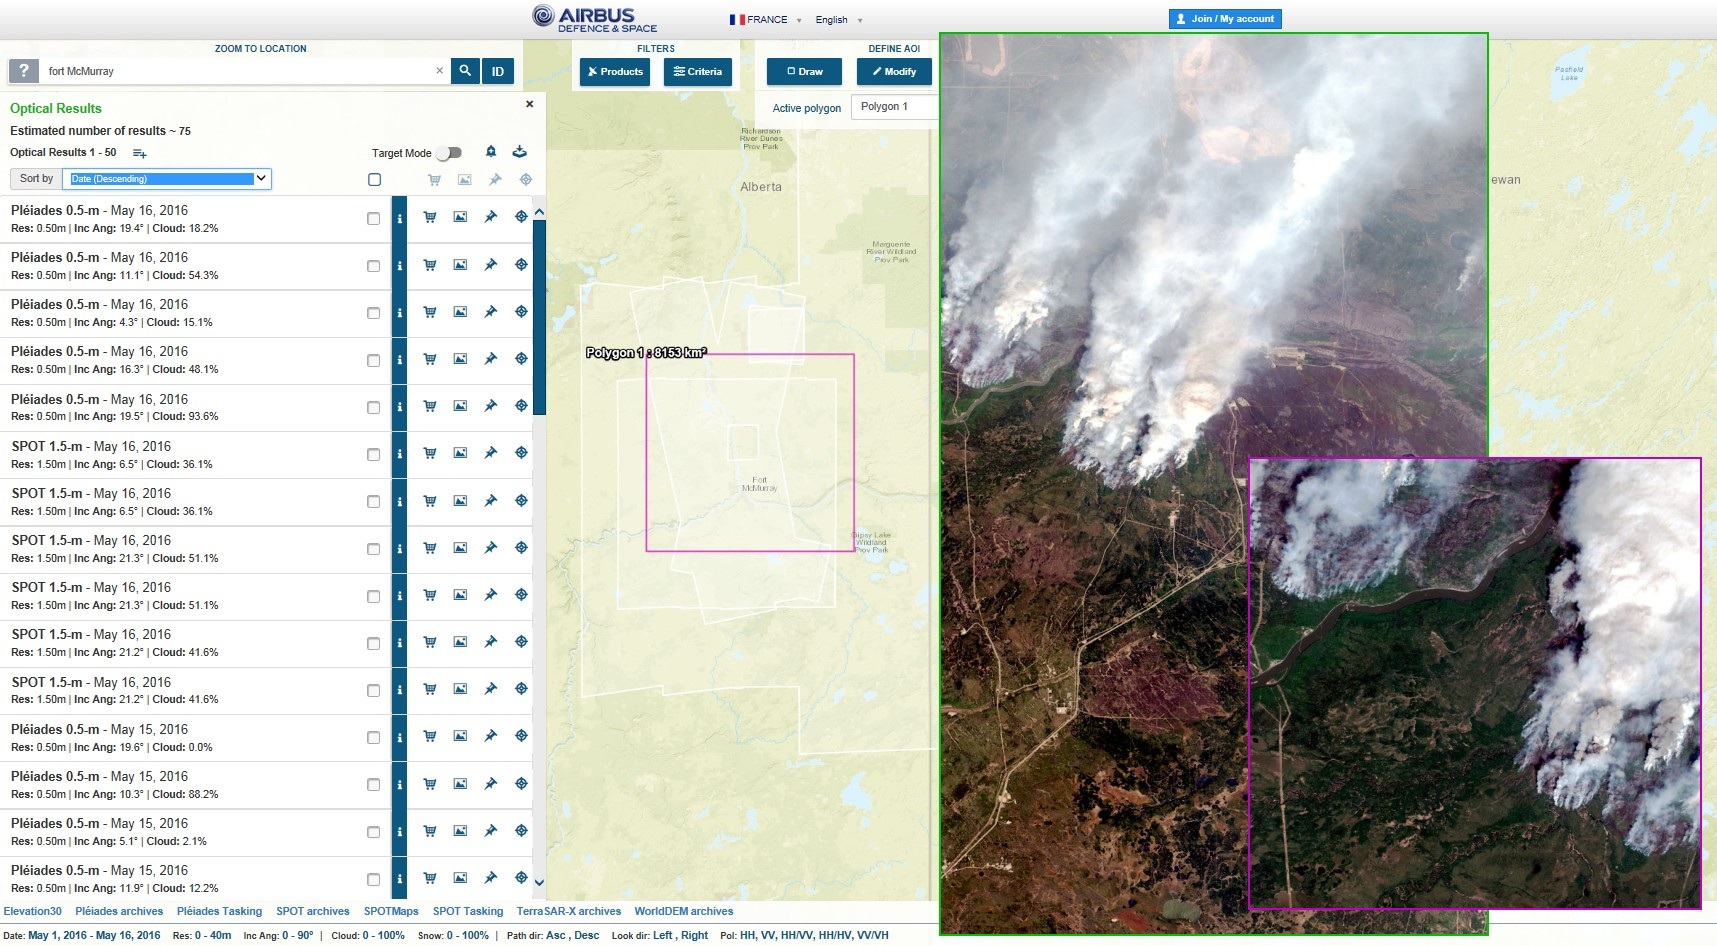 Fort McMurray - Feux - Wildfires - Satellites Pléiades et SPOT - Consultation Geostore - Revisite - Plus d'une image par jour de chaque point du globe - Airbus DS